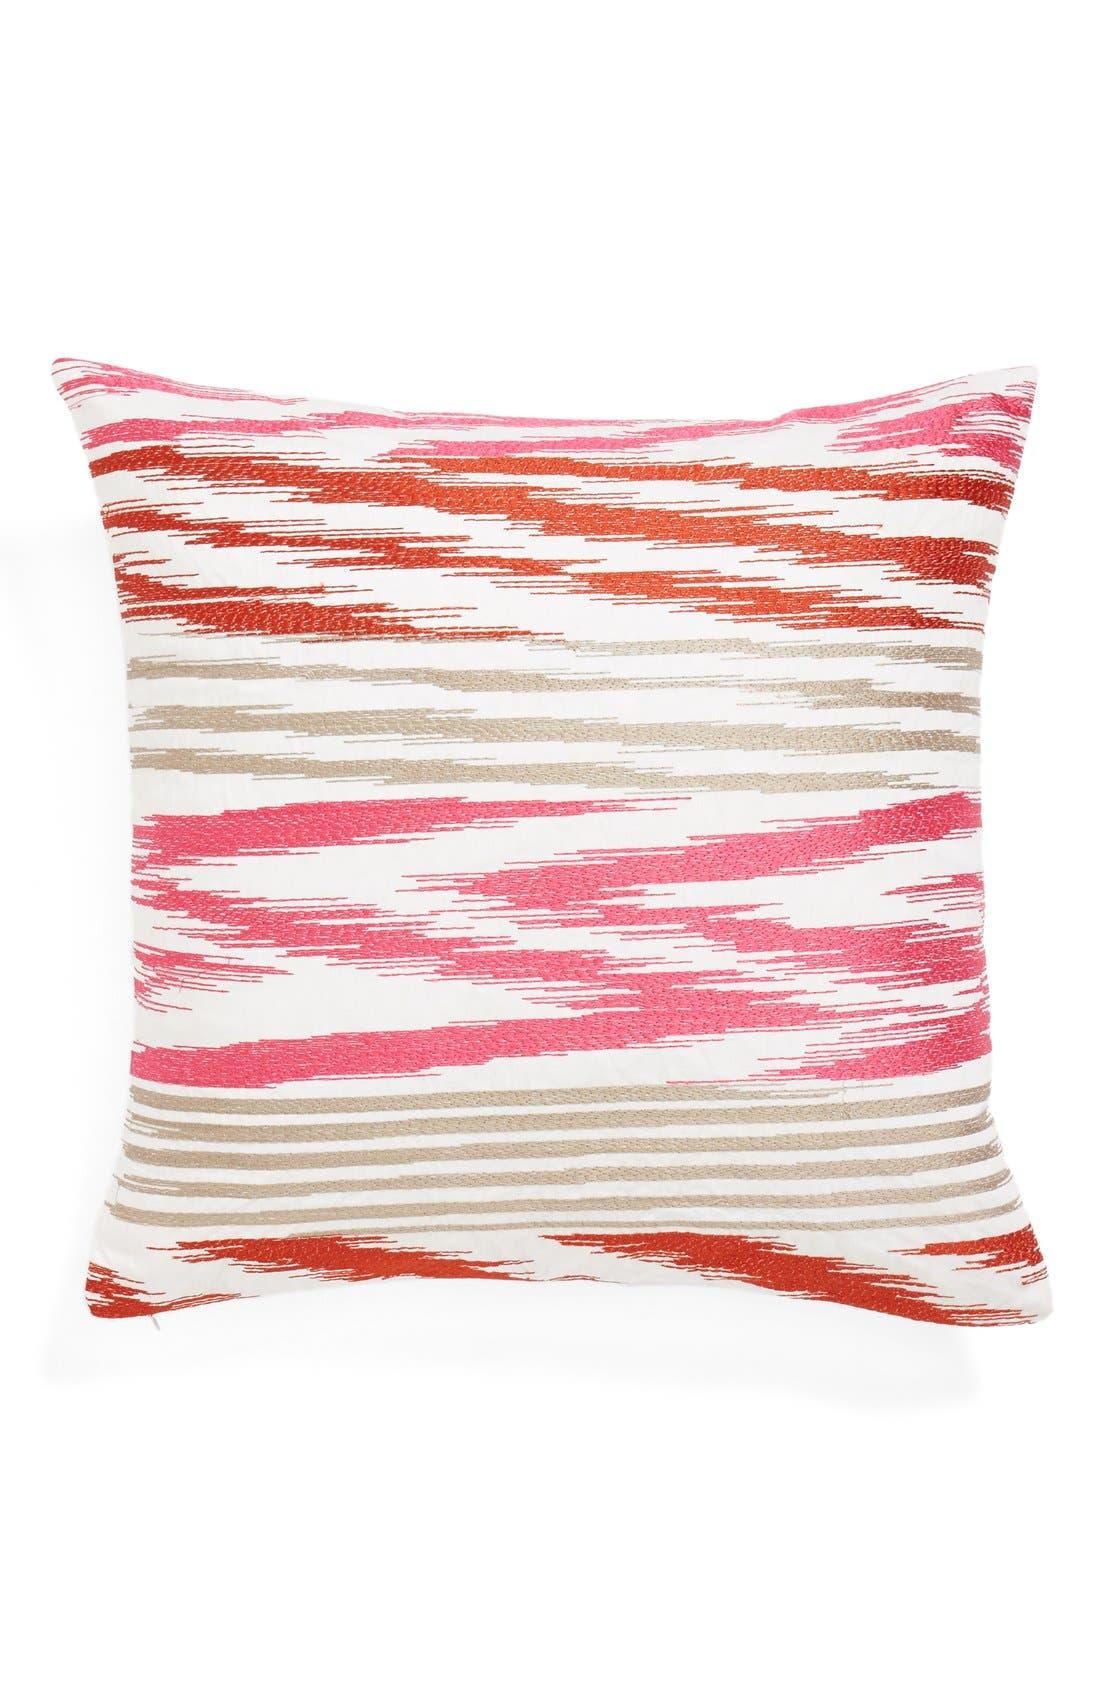 zestt 'Ryan' Pillow